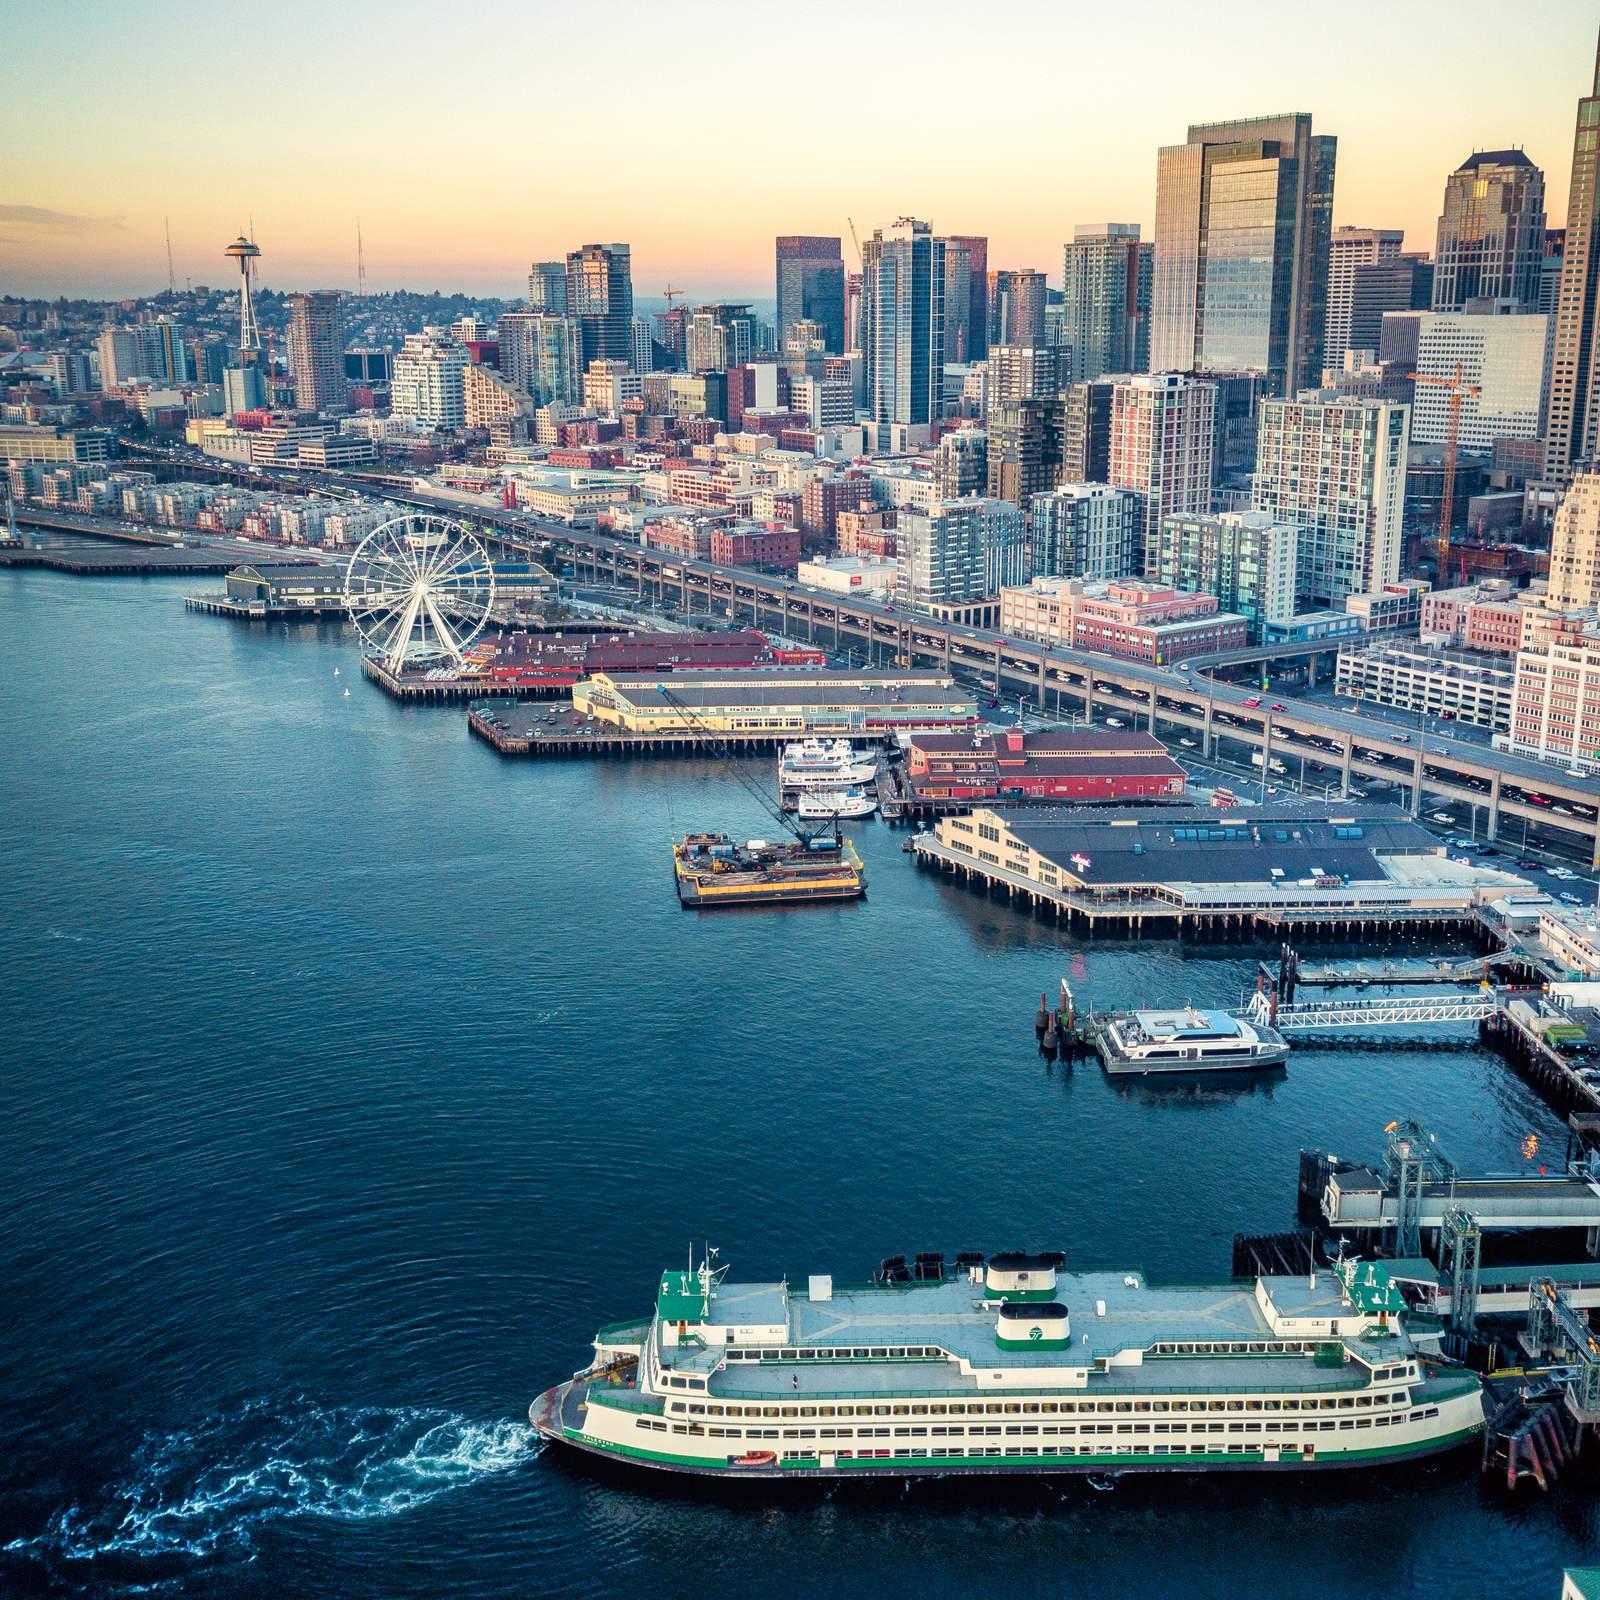 Eine Luftaufnahme des Hafens von Seattle bei leichter Dämmerung